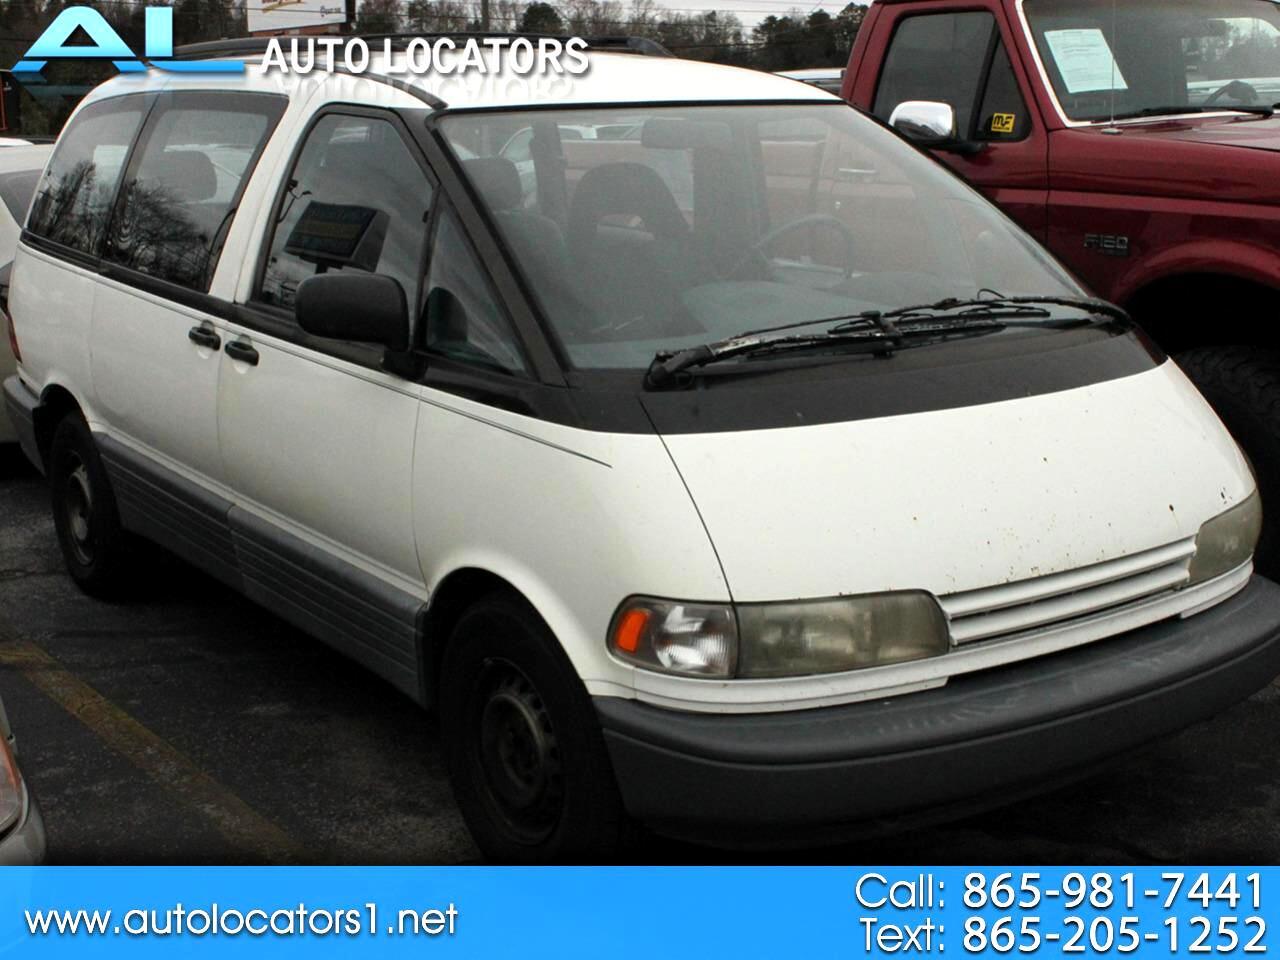 Toyota Previa 4dr Wagon DLX Auto 1991